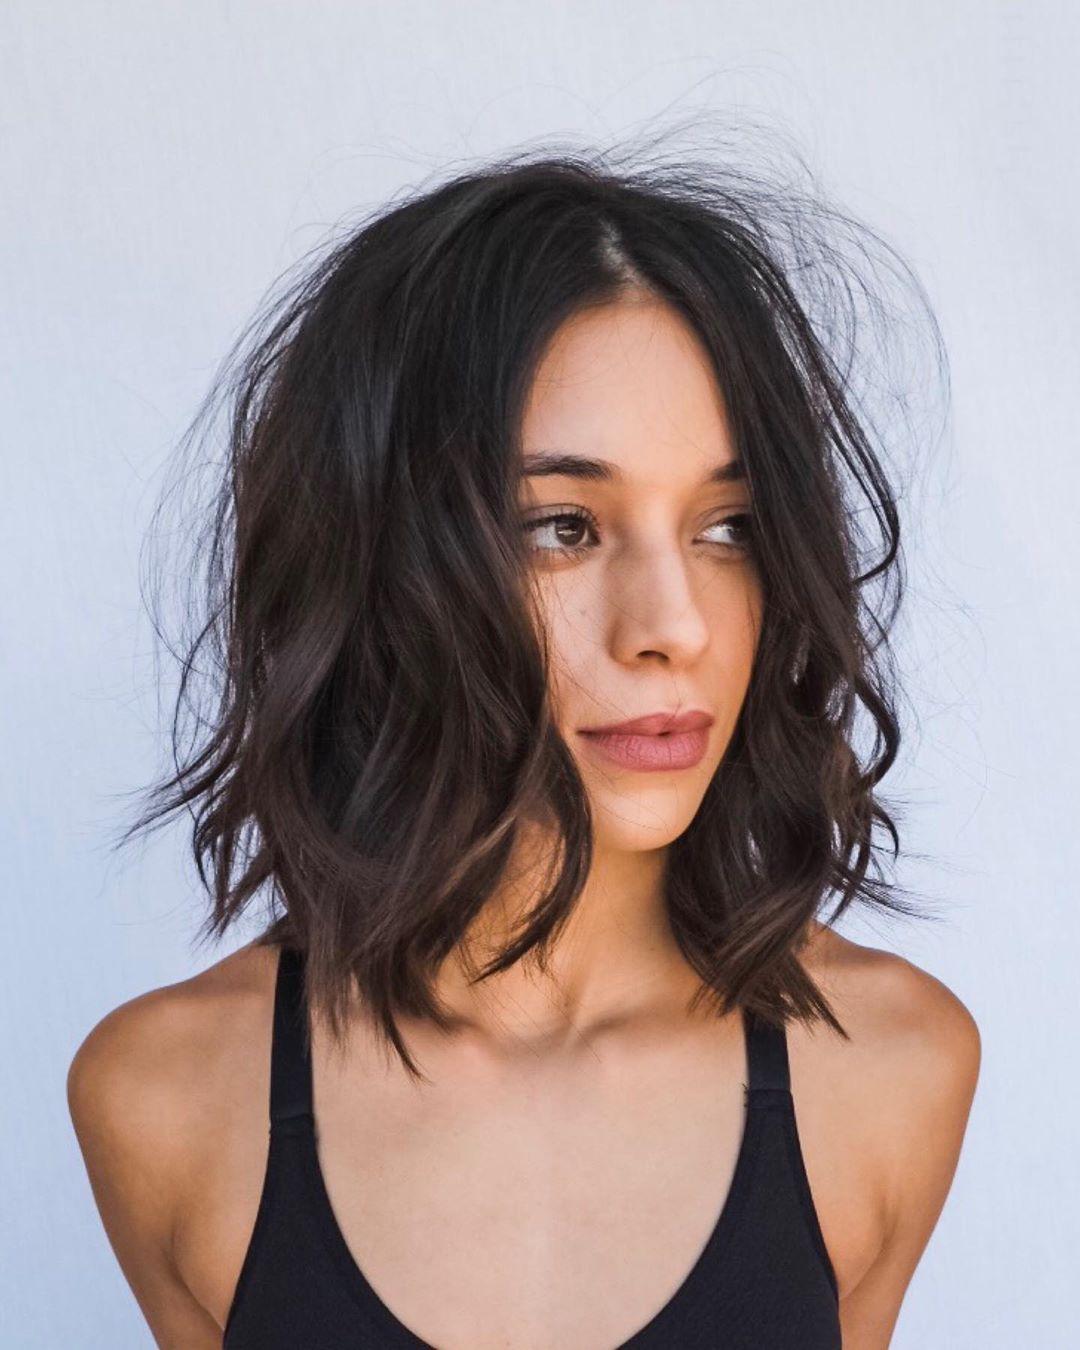 Стильные варианты стрижек на короткие волосы фото 3